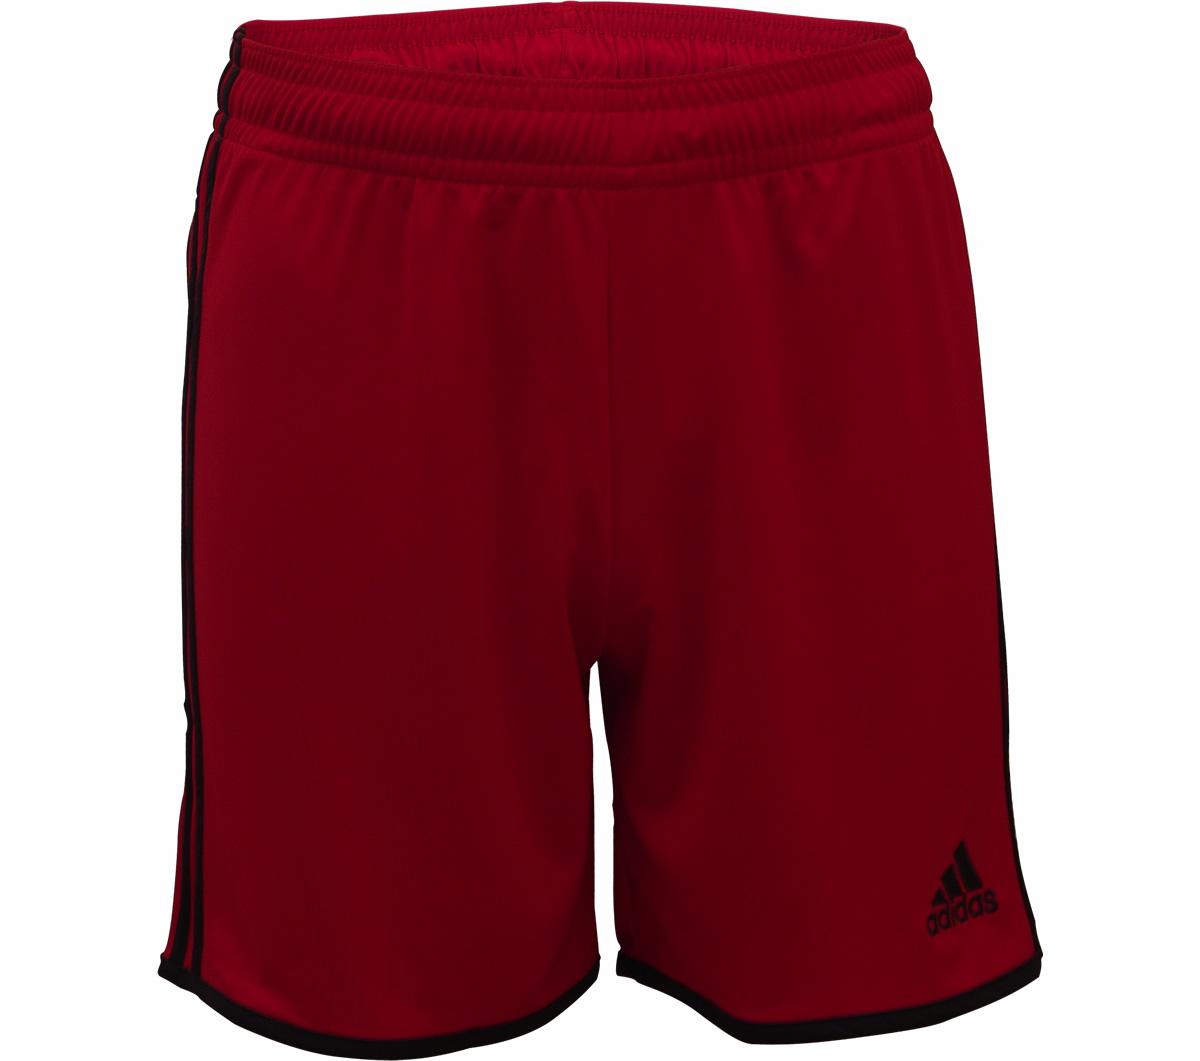 Calção Adidas Entrada 12 Vermelho e Preto - Mundo do Futebol d56b71ce0804e